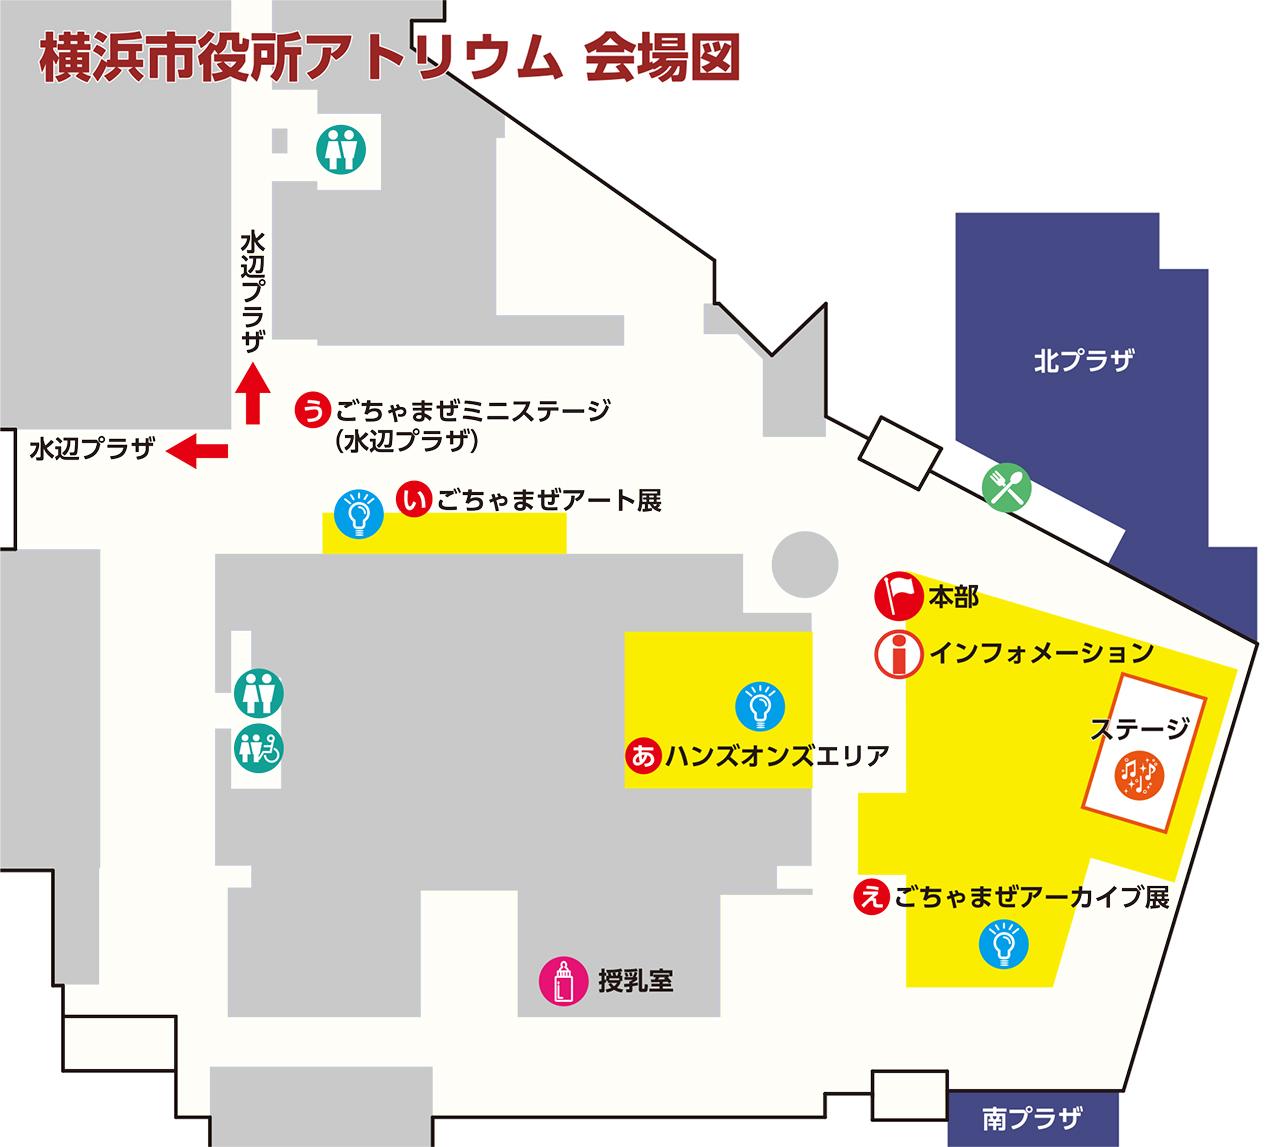 10月18日-横浜市役所アトリウム-会場図